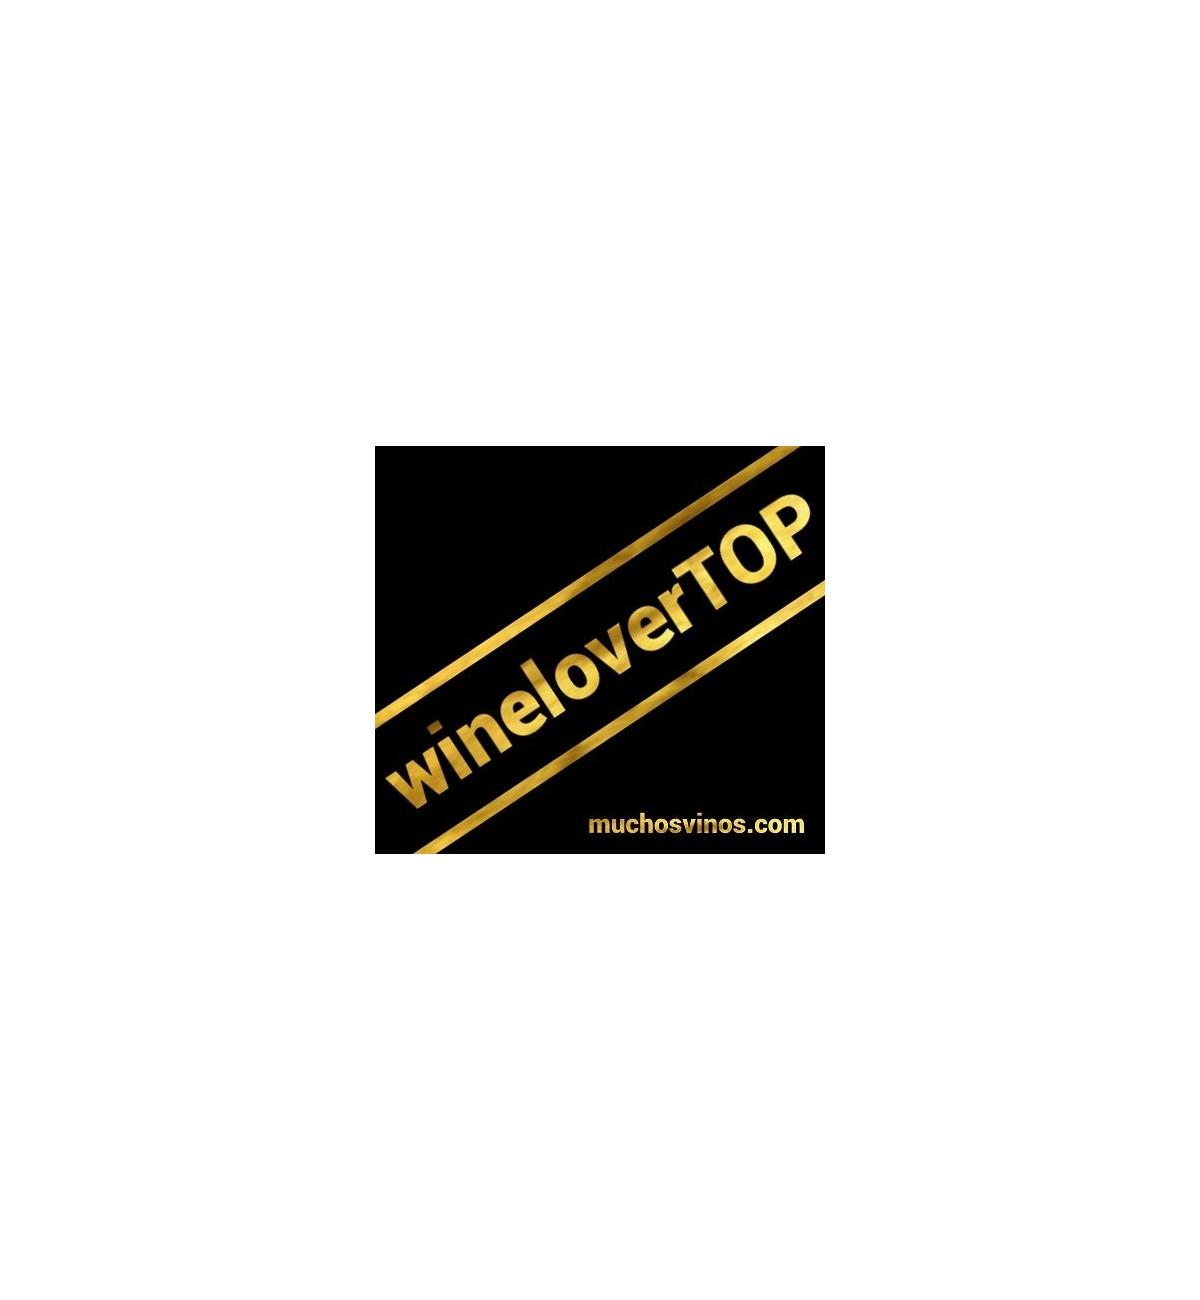 WineloverTOP - Gastos envío gratis 365 días en MuchosVinos.Com